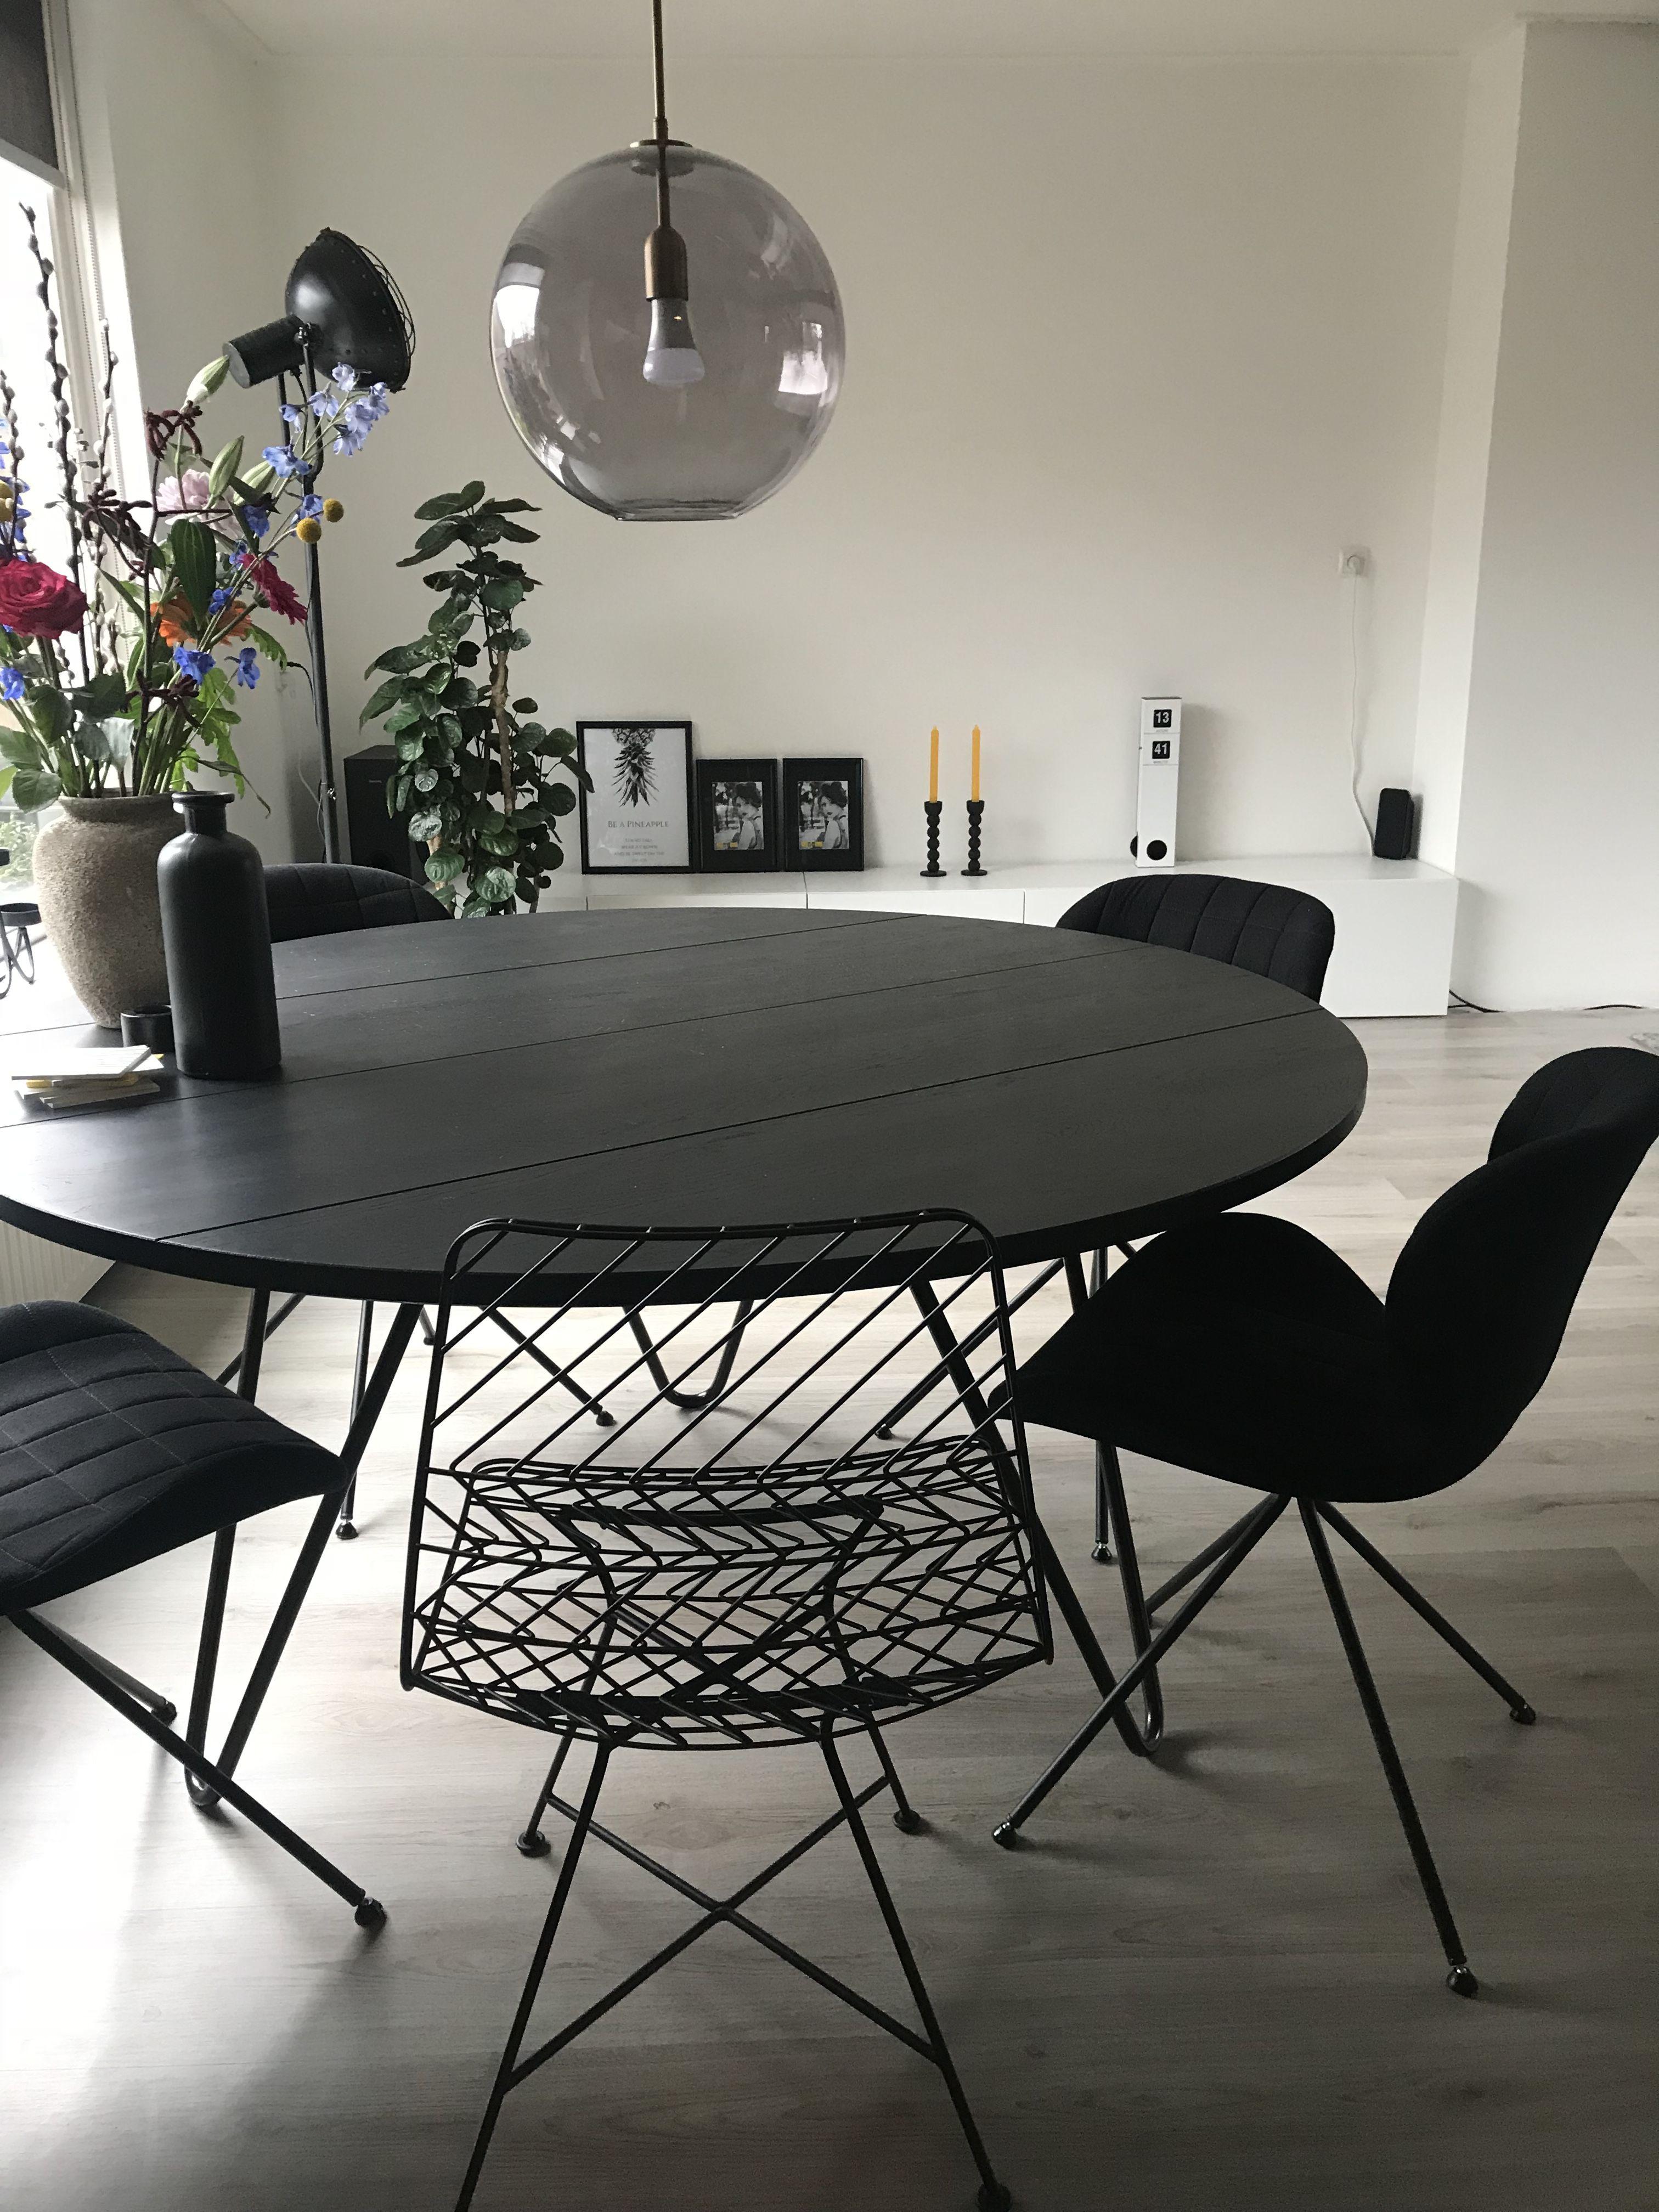 Ronde eettafel vt wonen  Ideeen huis  werkkamer in 2019